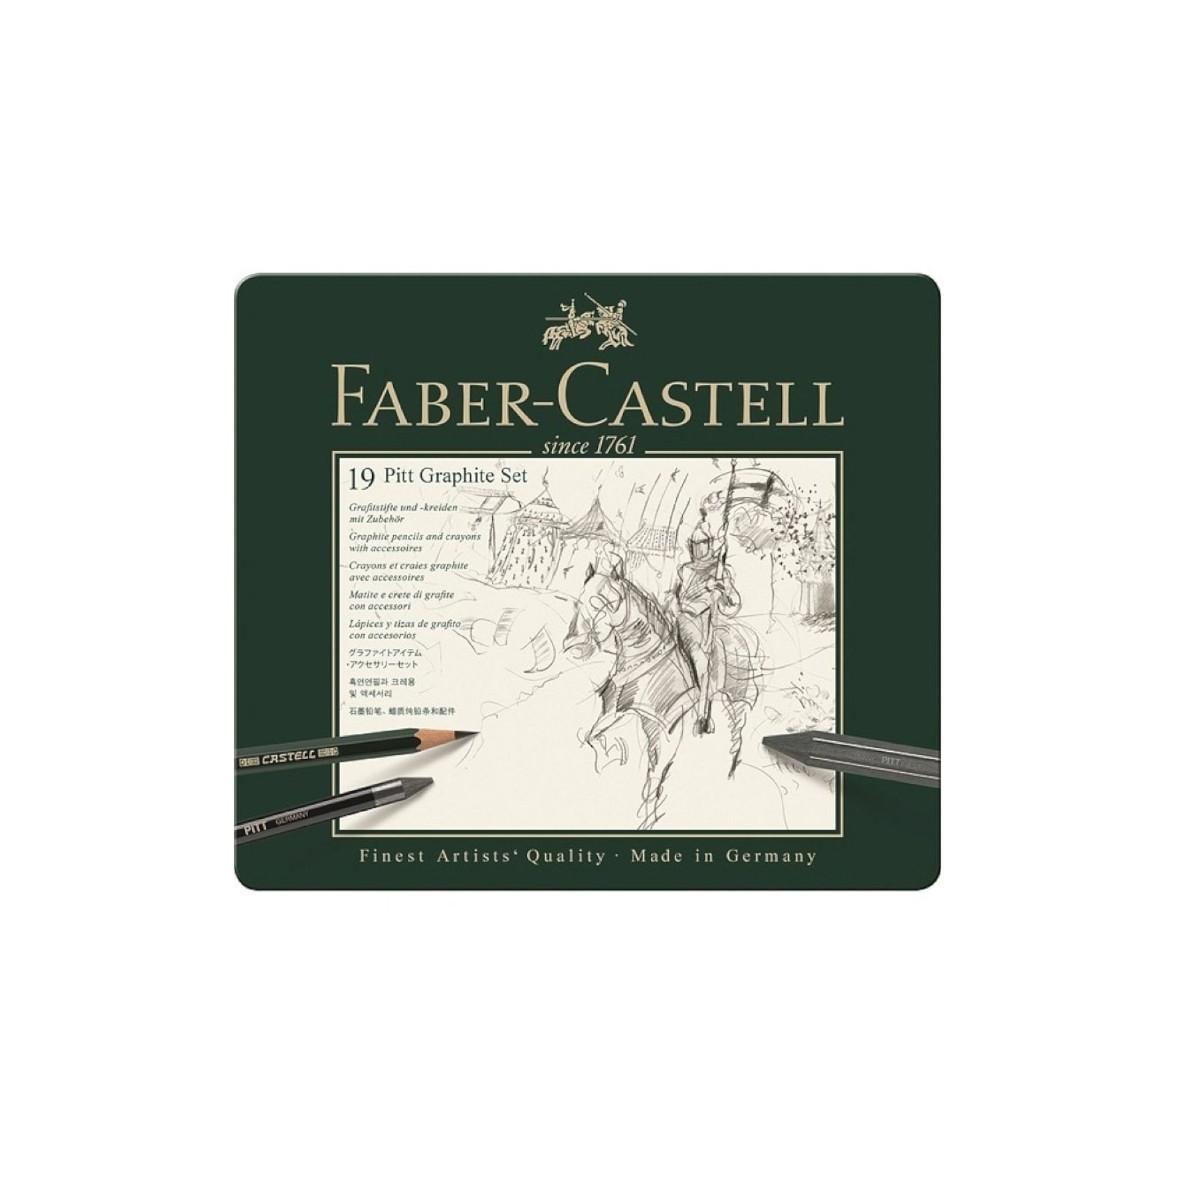 FaberCastellPittGraphitesttin-01